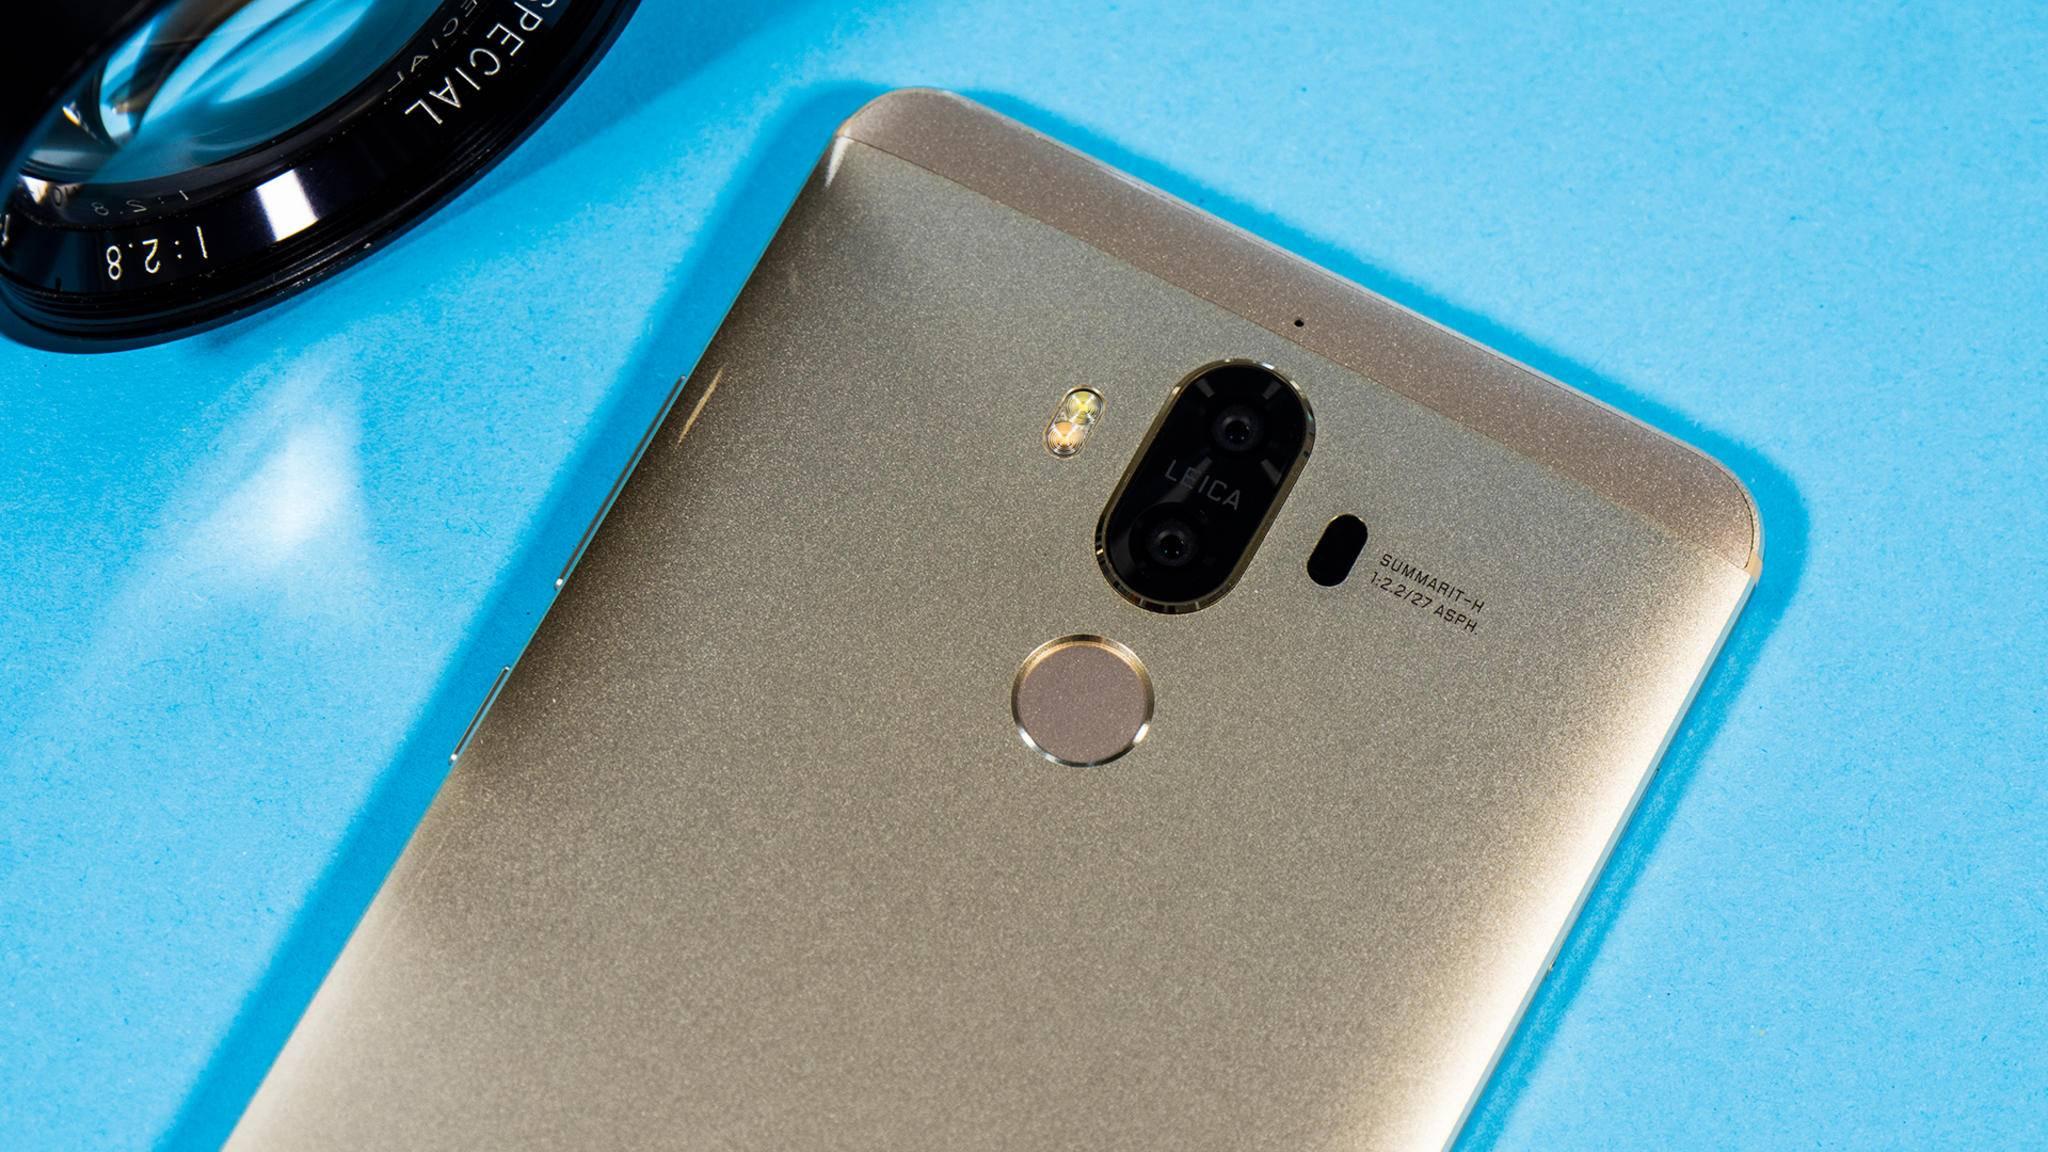 Der Nachfolger des Huawei Mate 9 soll so leistungsfähig werden wie die neuesten Flaggschiffe.